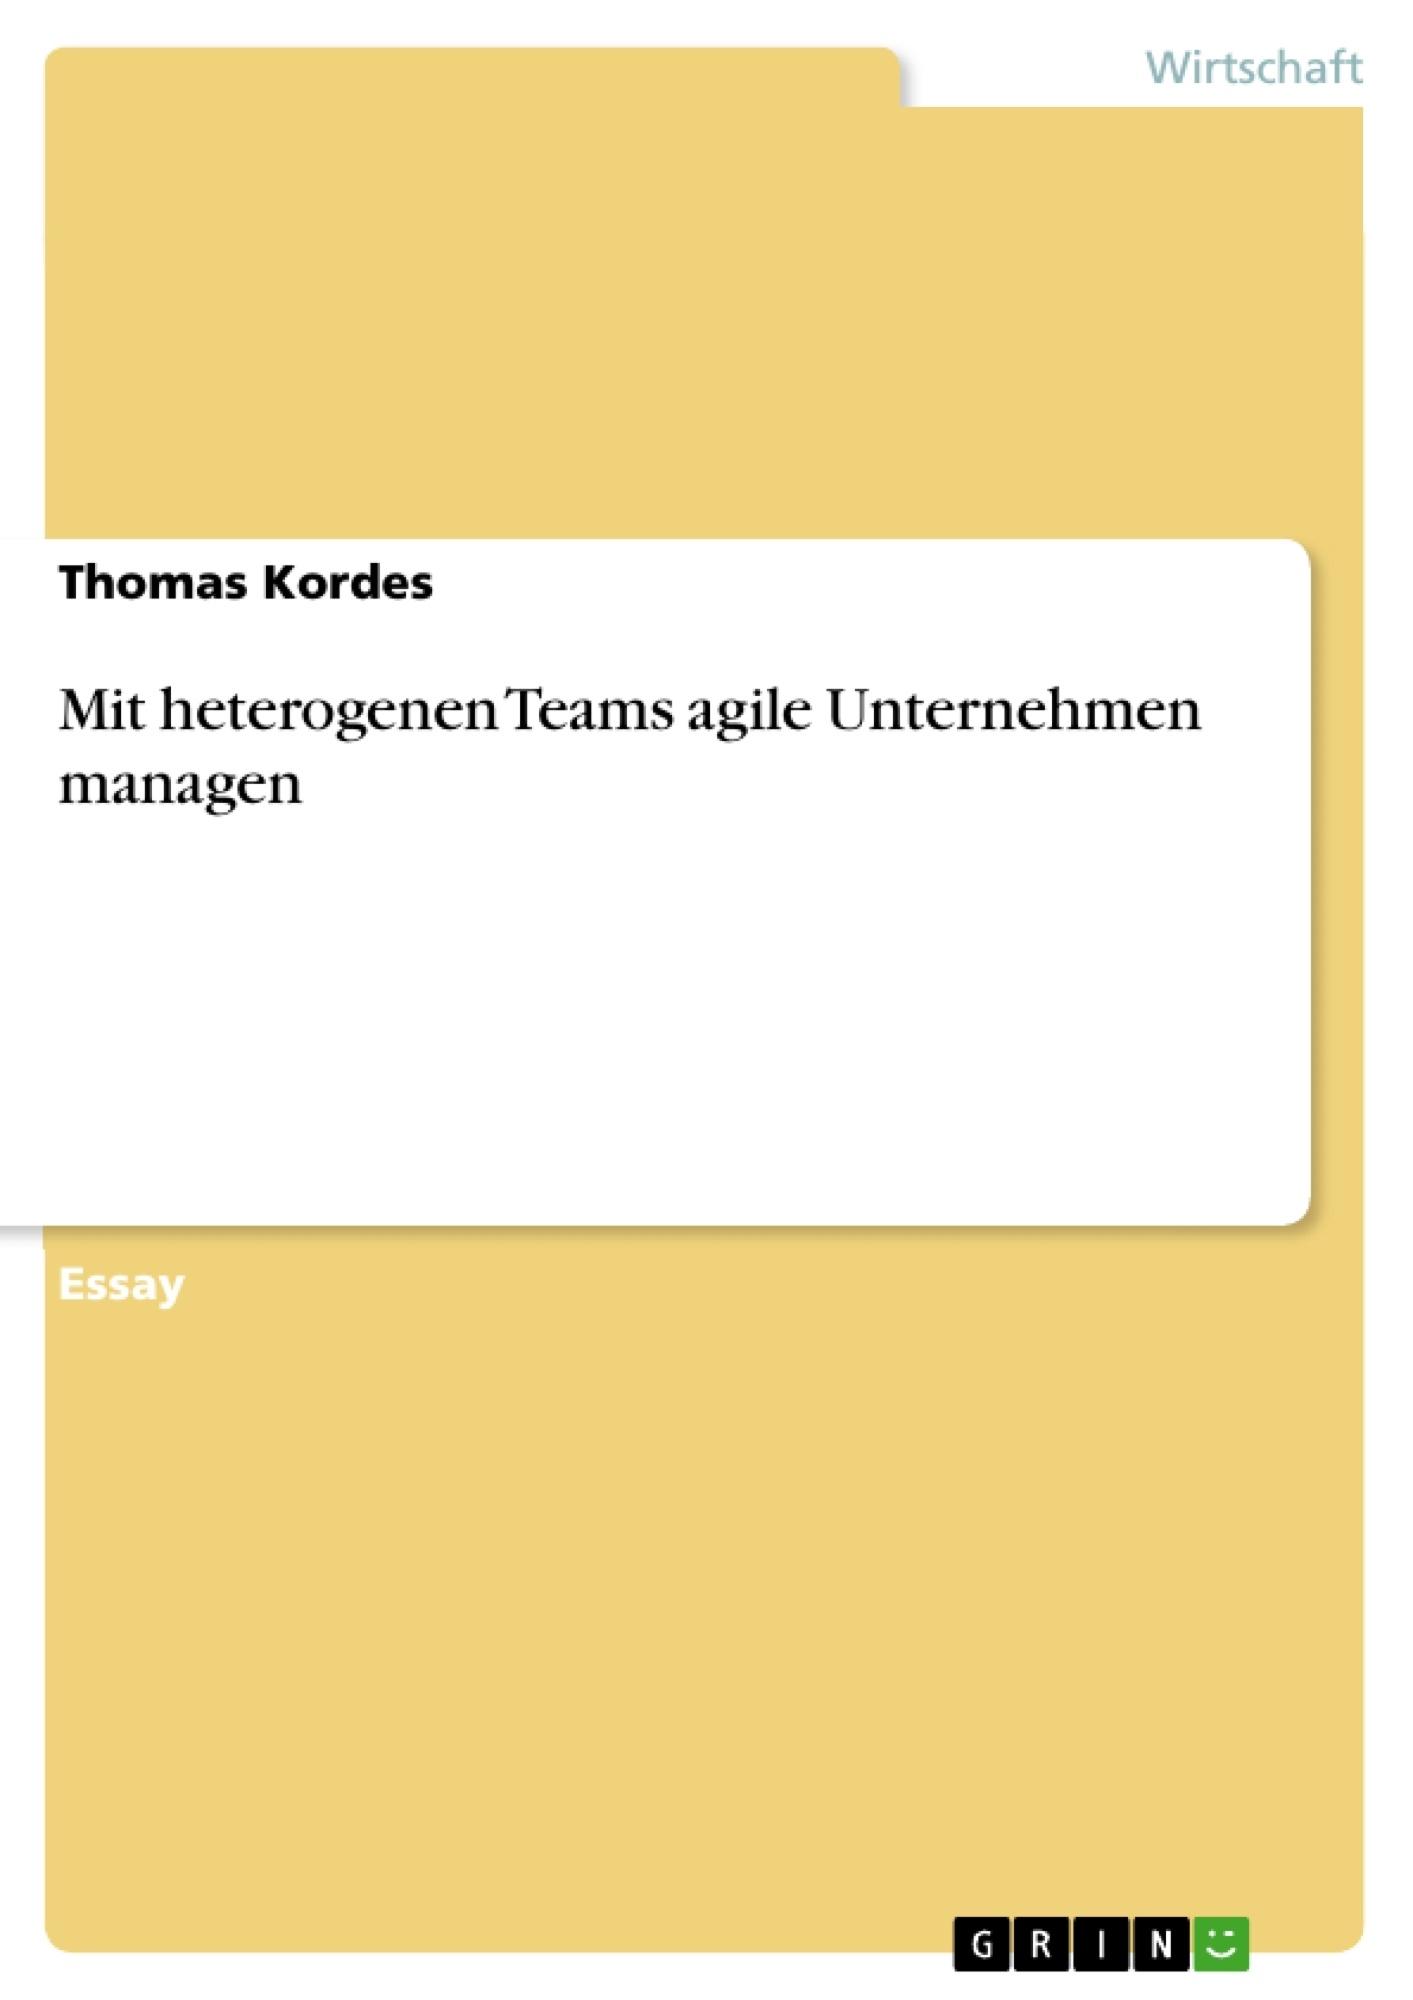 Titel: Mit heterogenen Teams agile Unternehmen managen